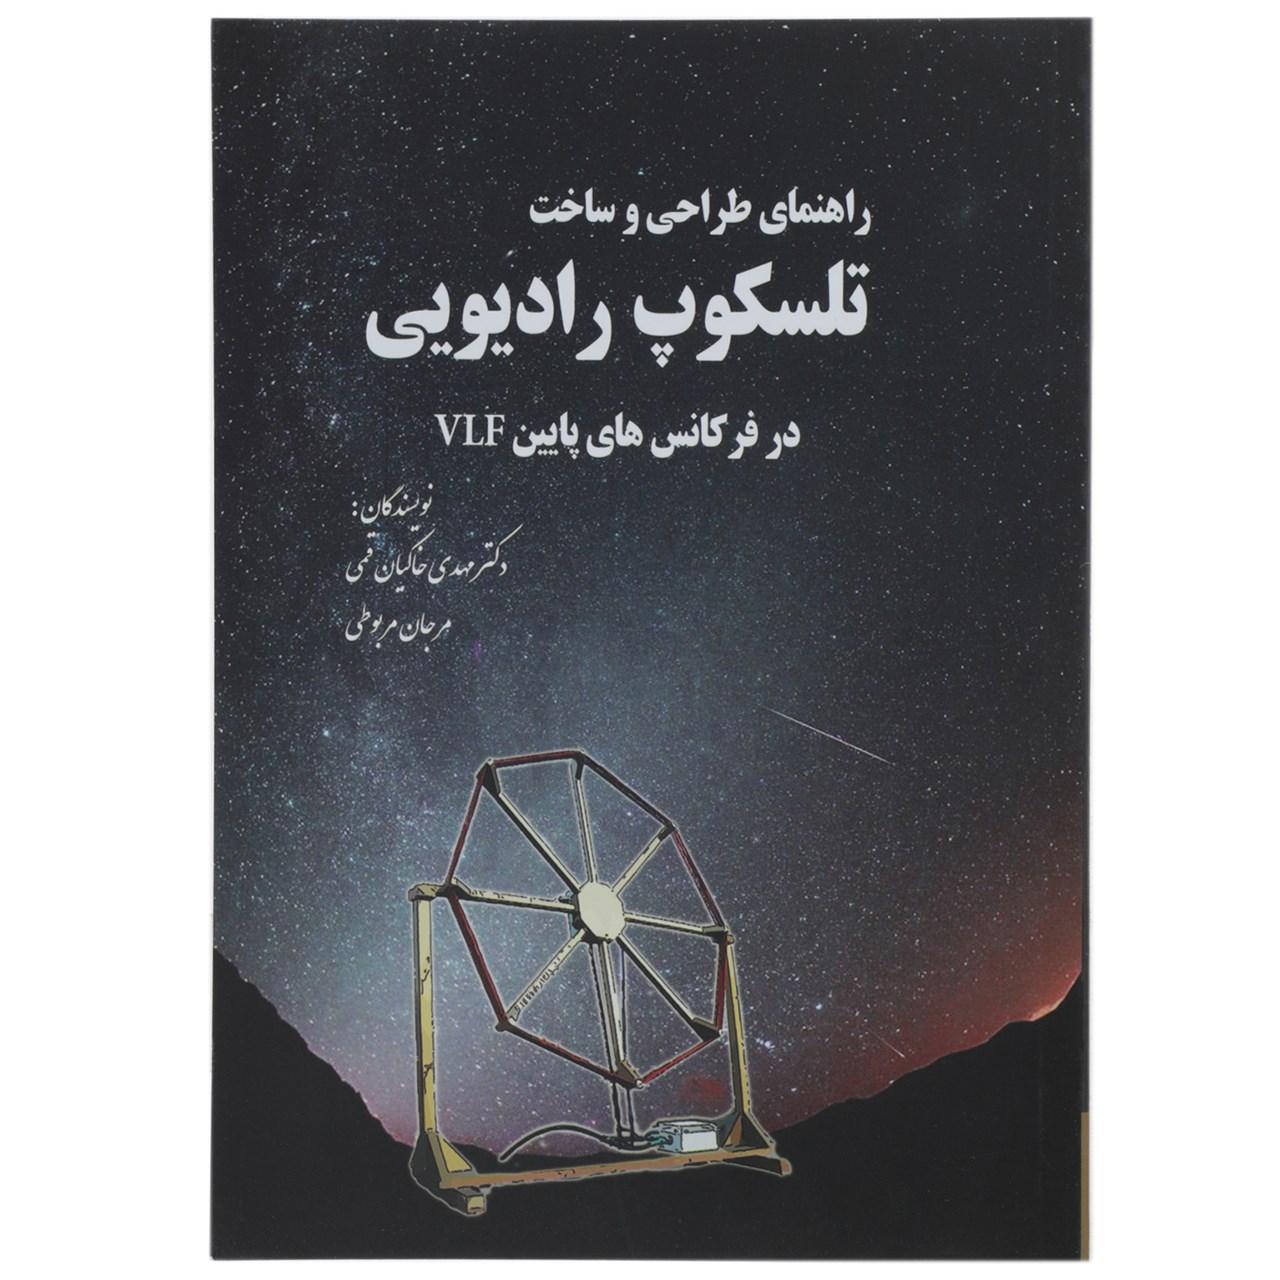 خرید                      کتاب راهنمای طراحی و ساخت تلسکوپ رادیویی اثر مهدی خاکیان قمی